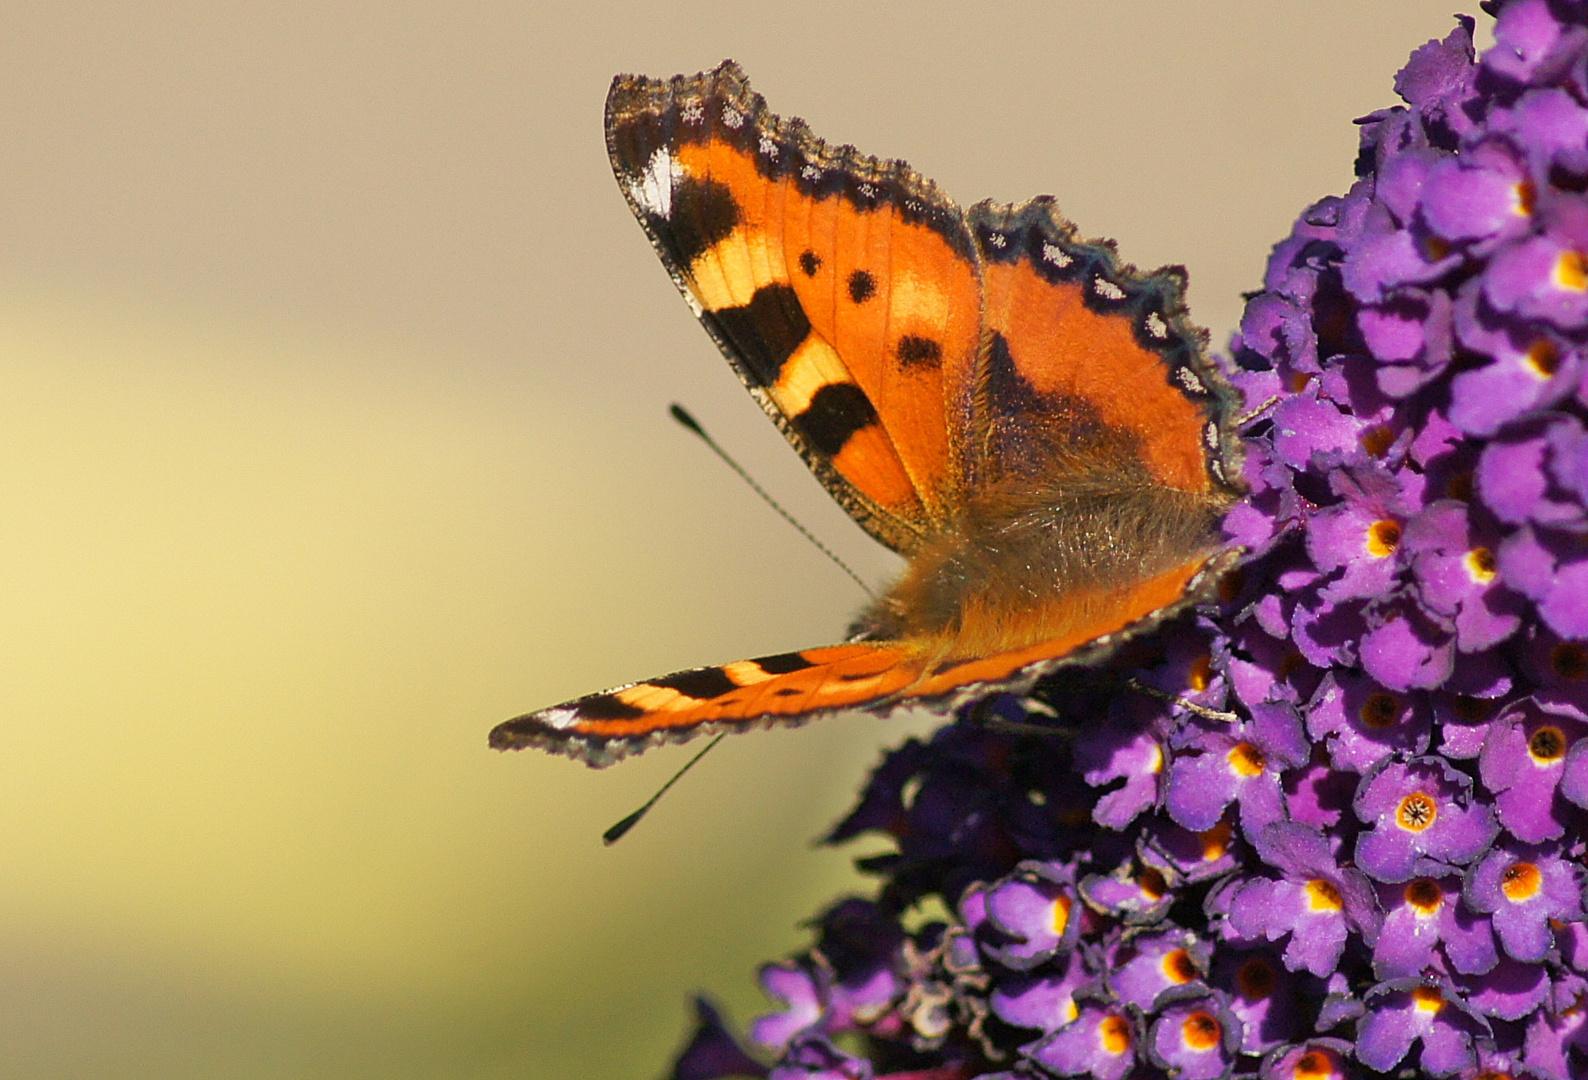 KLEINER FUCHS auf Schmetterlingsstrauch